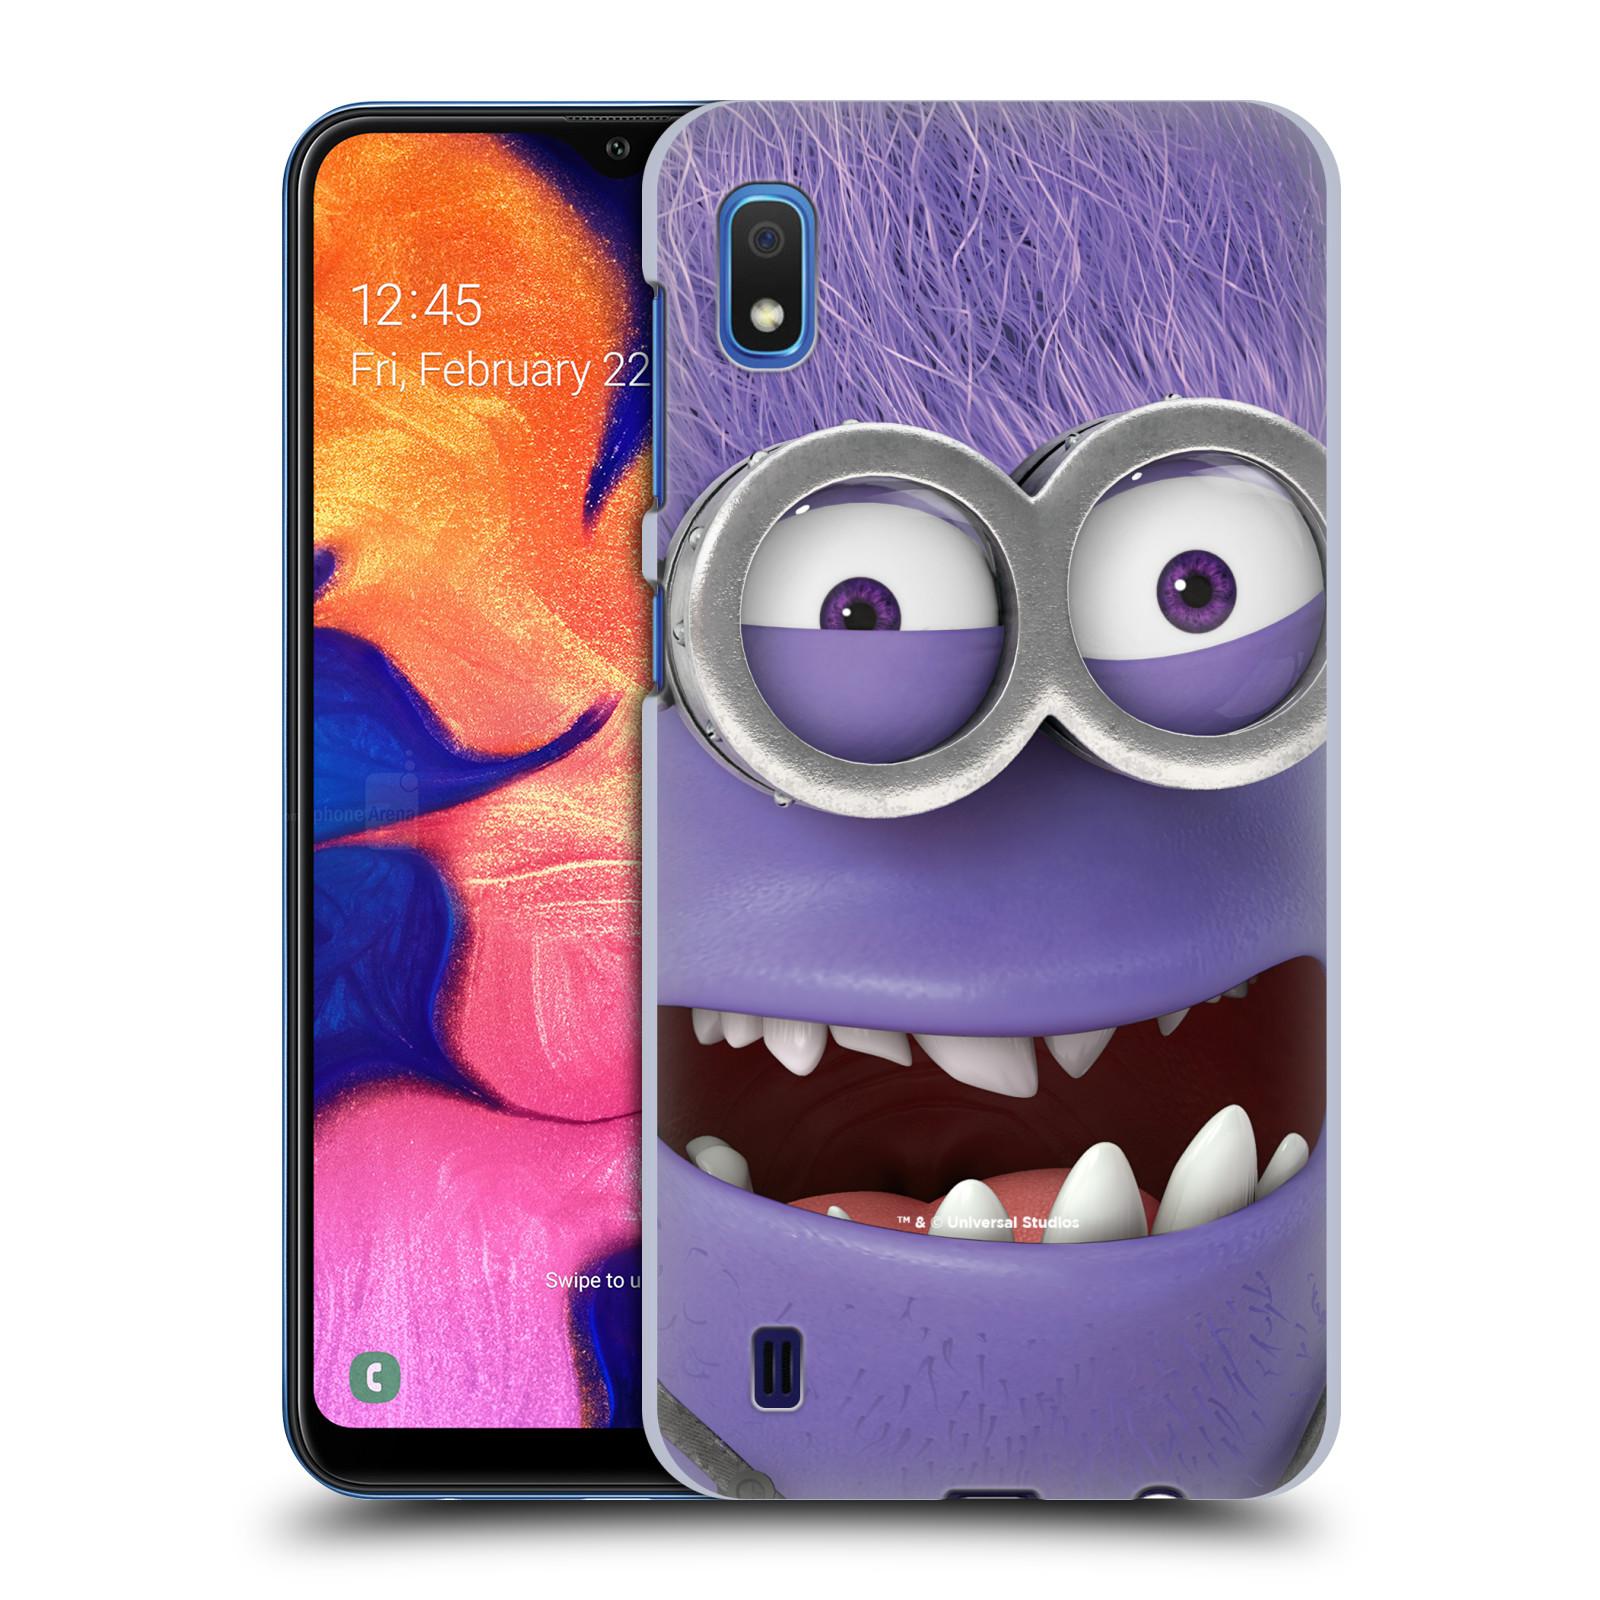 Plastové pouzdro na mobil Samsung Galaxy A10 - Head Case - Zlý Mimoň z filmu Já, padouch - Despicable Me